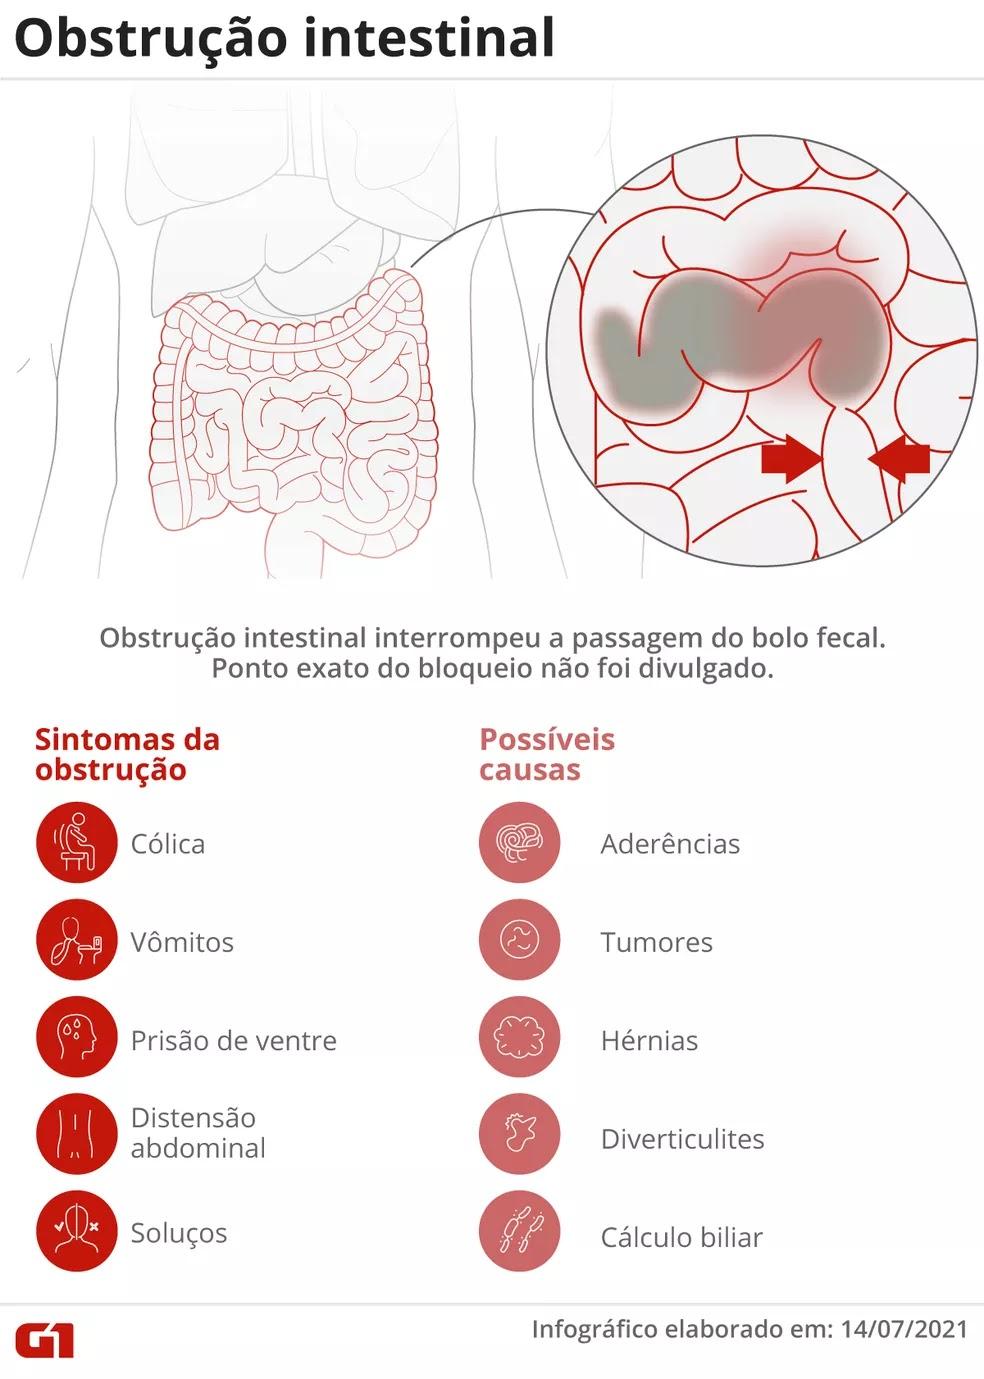 Presidente da República foi diagnosticado com obstrução após exames em Brasília. Problema ocorre quando há o bloqueio parcial ou completo da passagem das fezes pelo intestino.